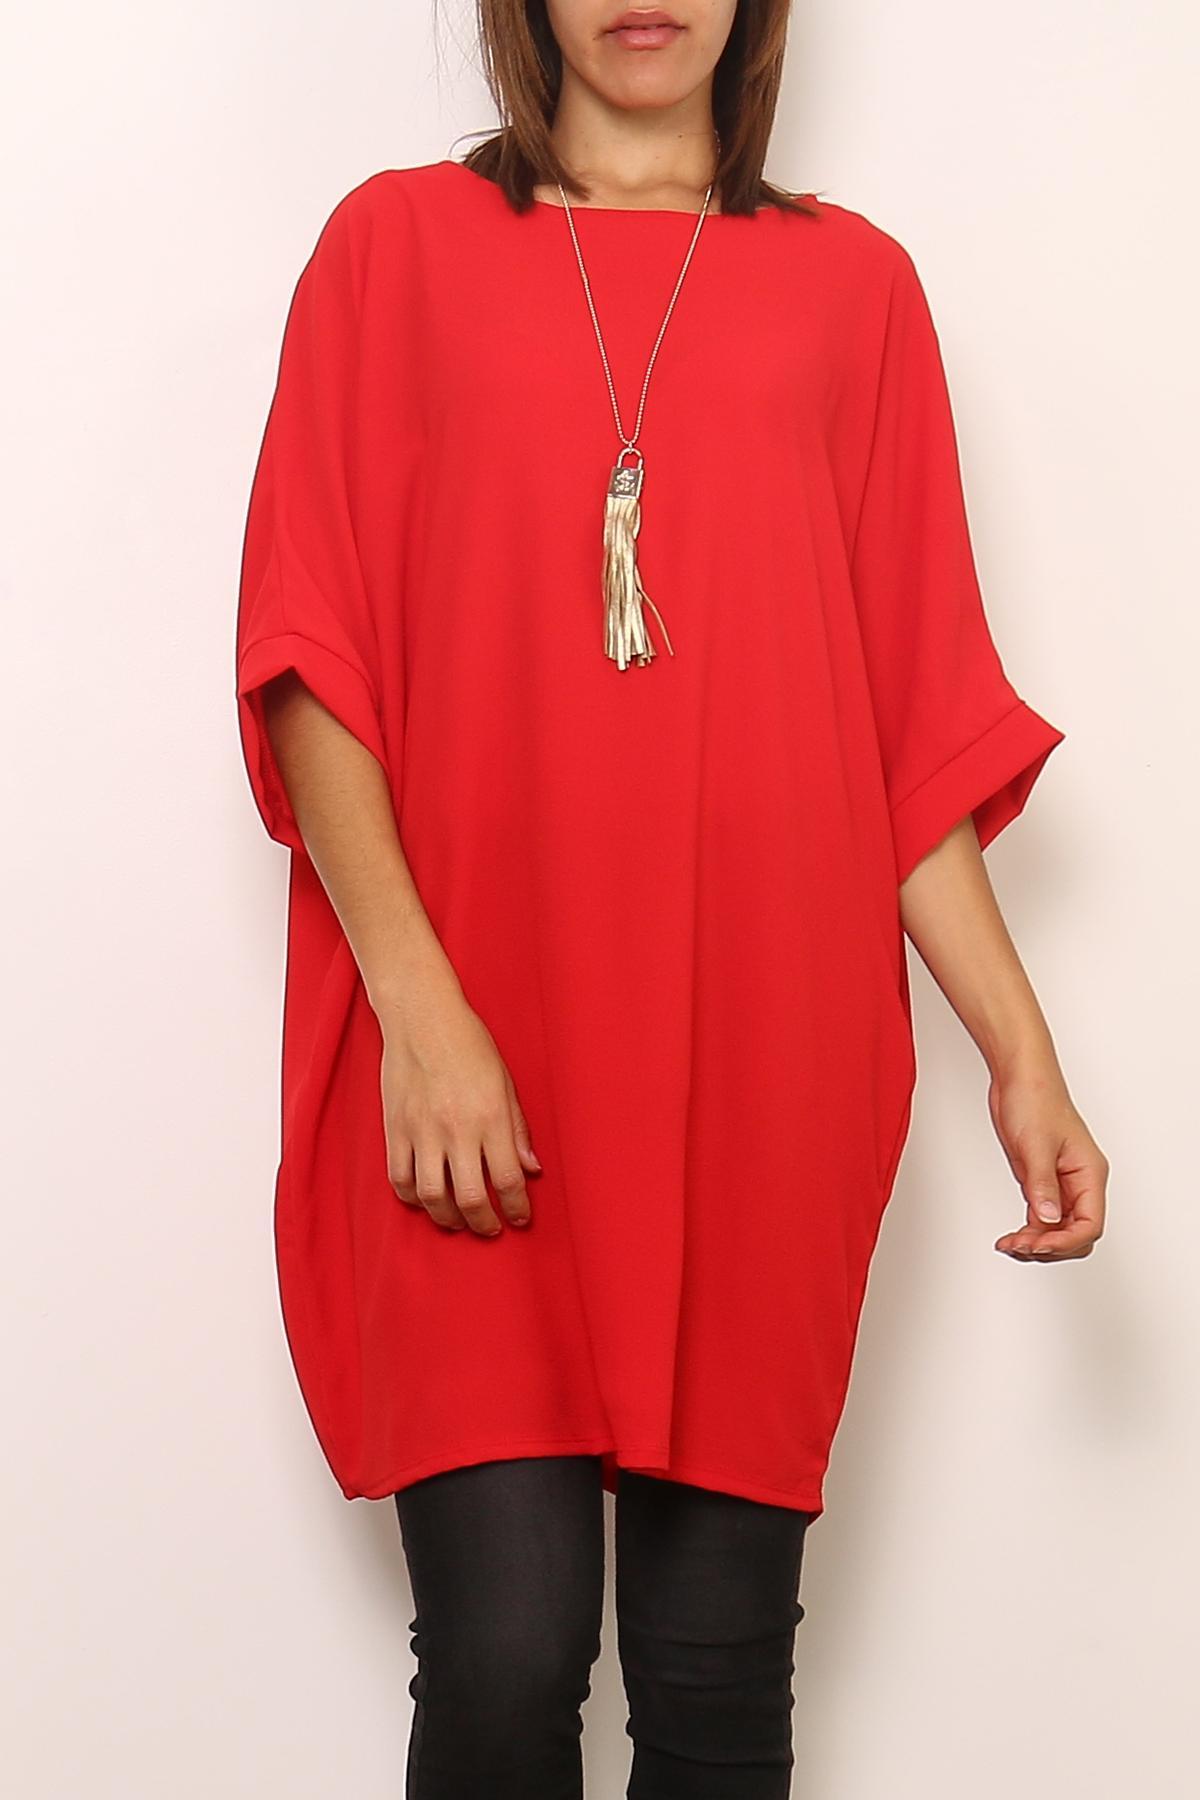 Robes courtes Femme 0643-ROUGE Medi Mode